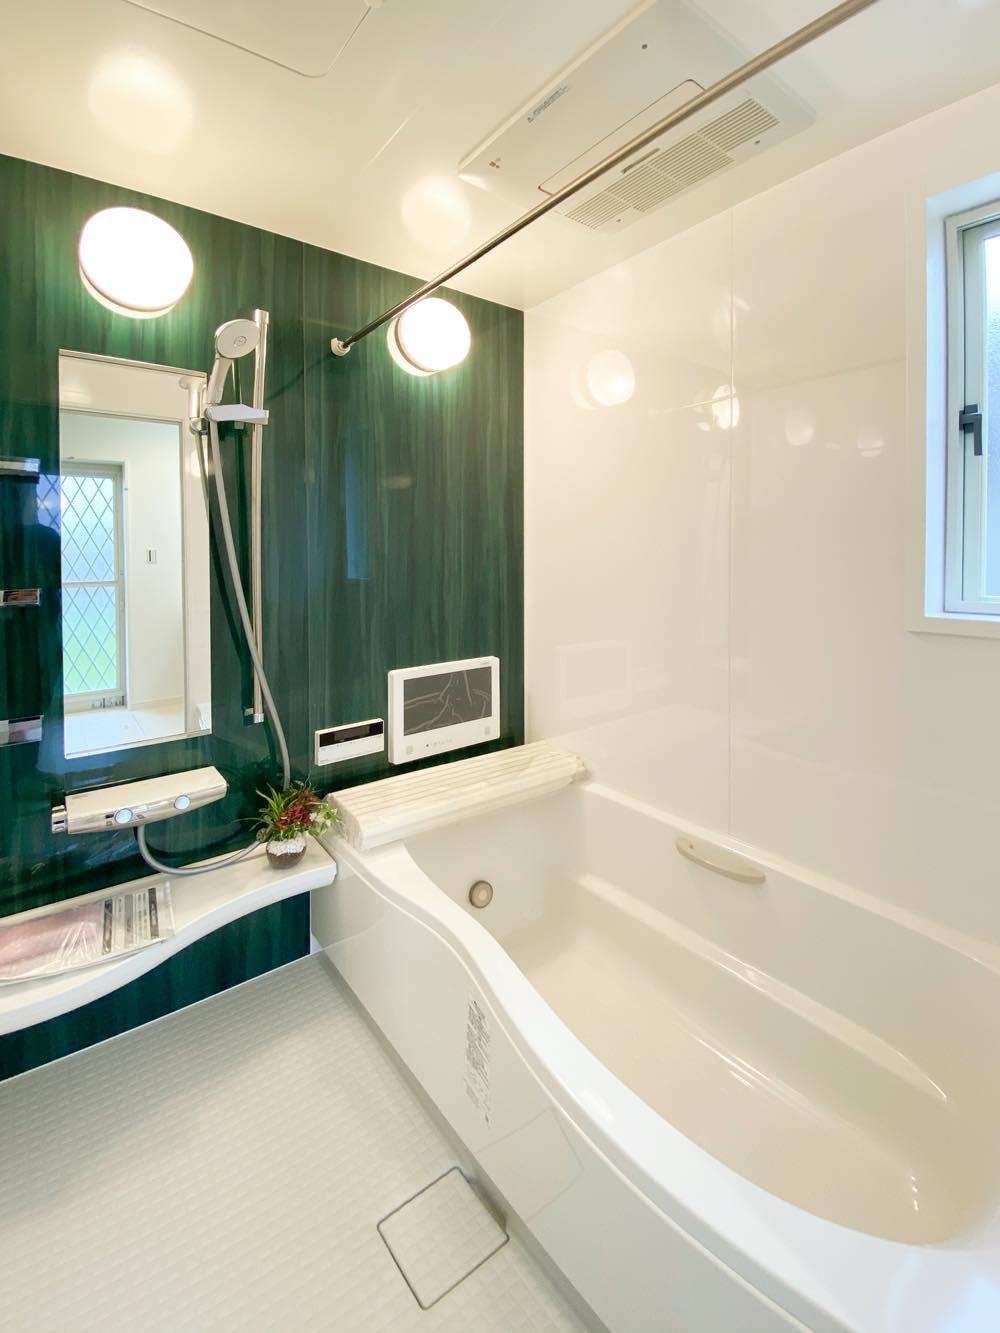 ルミナージュ岸和田第3段モデルハウス TV付きバスルーム